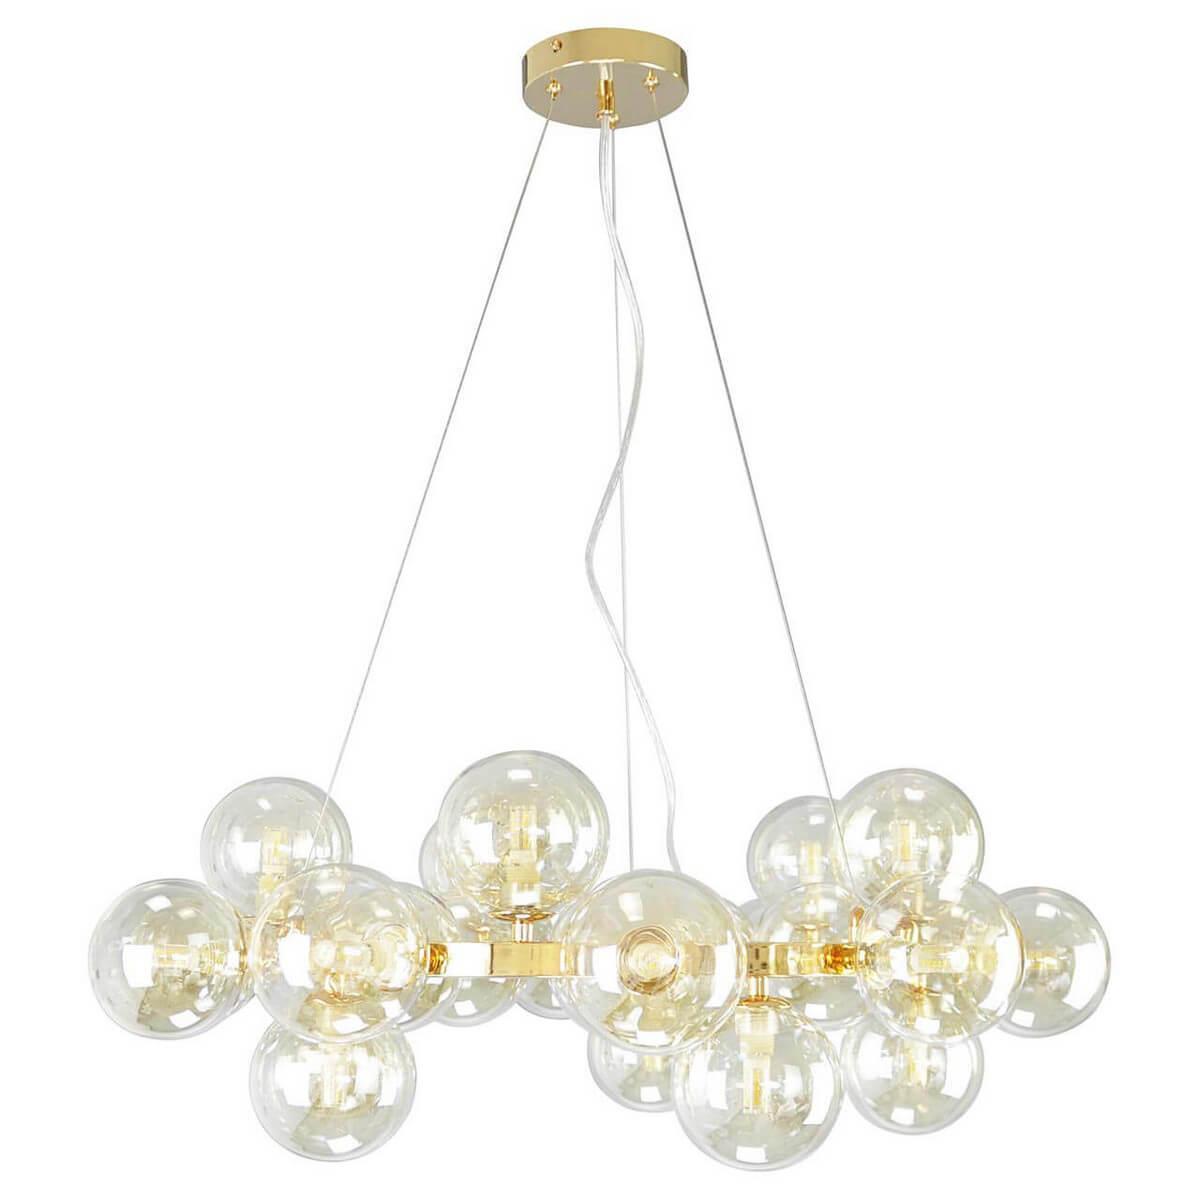 цена на Подвесной светильник Kink Light 07509-25,33, G9, 5 Вт